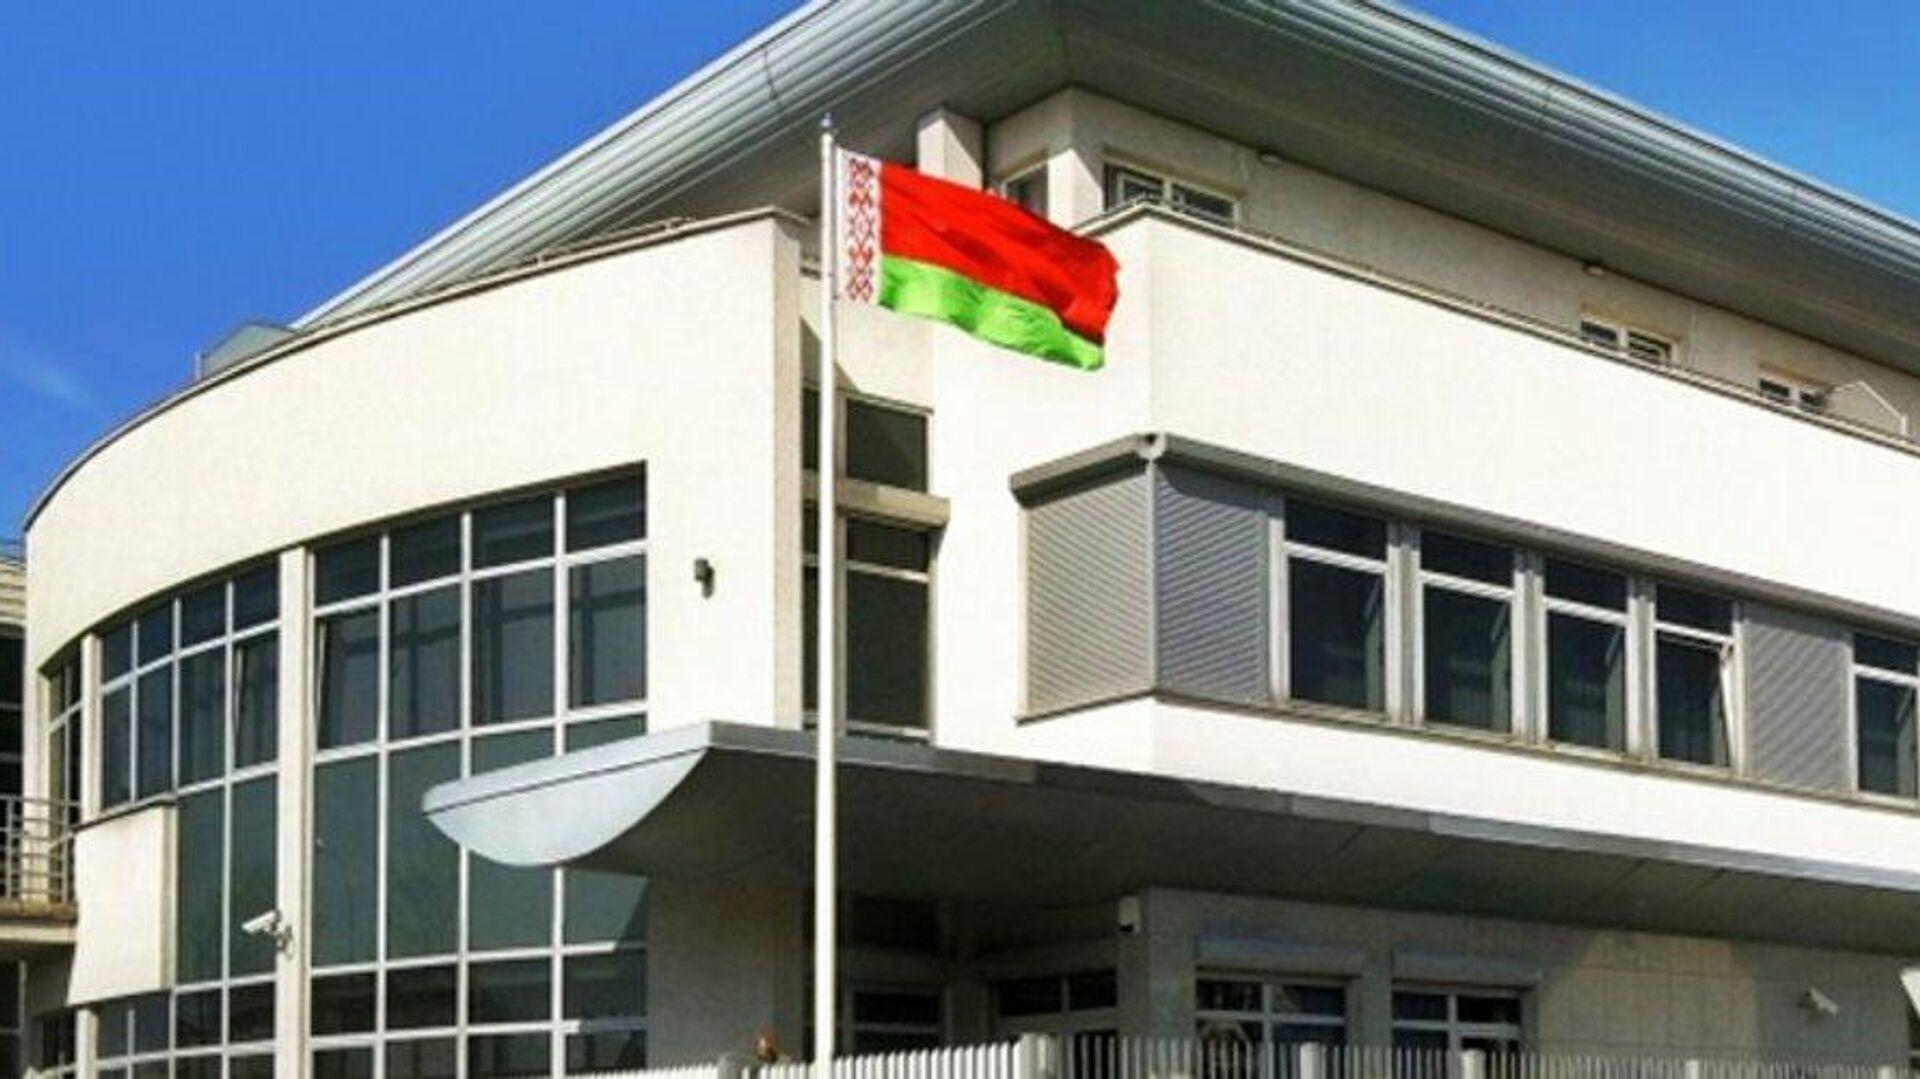 Здание посольства Белоруссии в Варшаве - РИА Новости, 1920, 18.12.2020